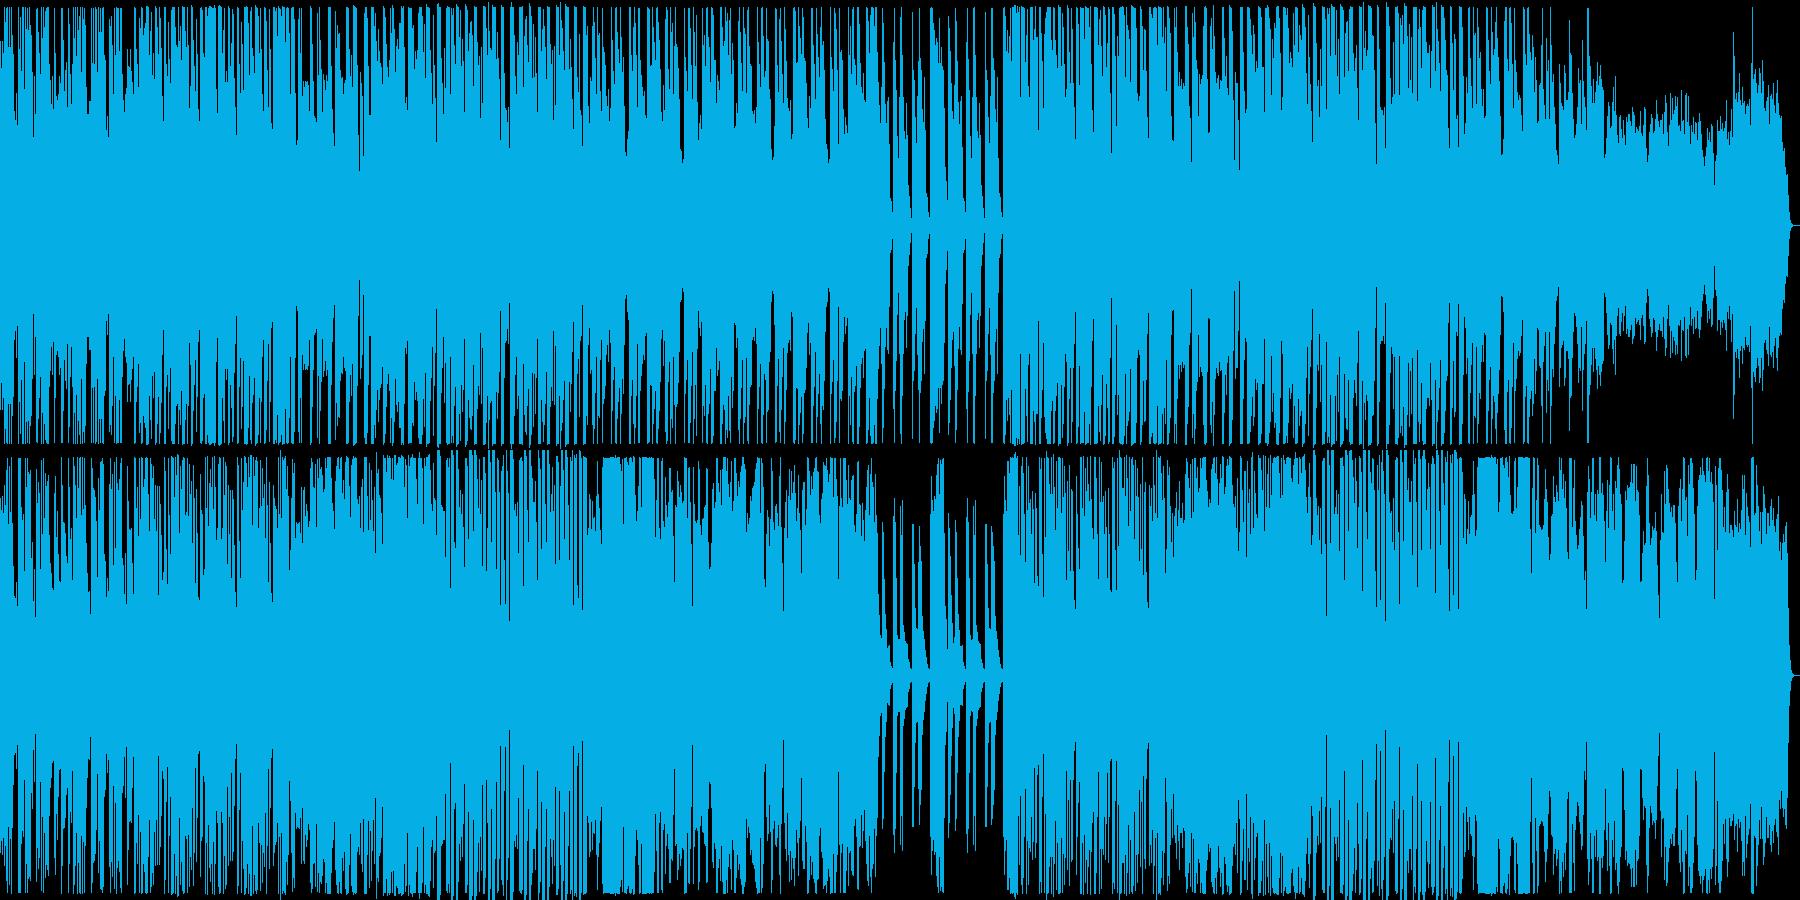 ブズーキ主の陽気なほのぼのアイリッシュ曲の再生済みの波形